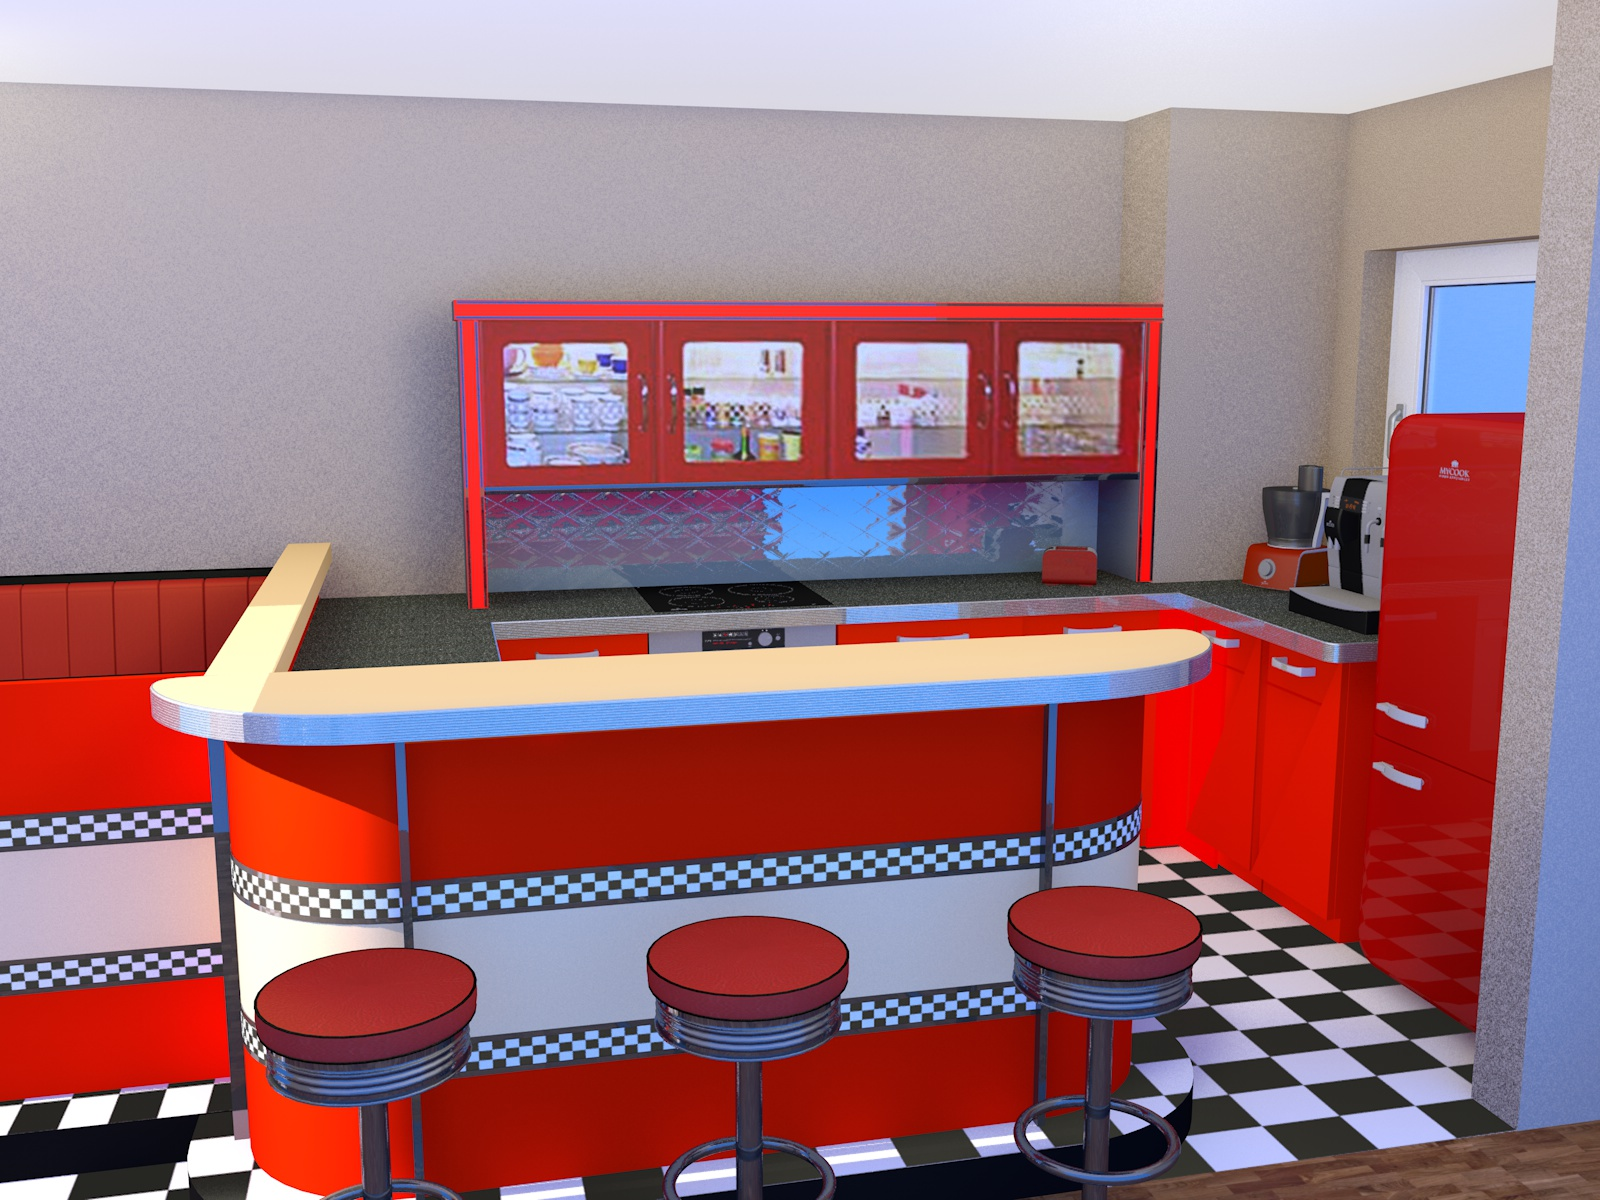 Wohnraumgestaltung-3D-Visiualisierung - Air-Atelier